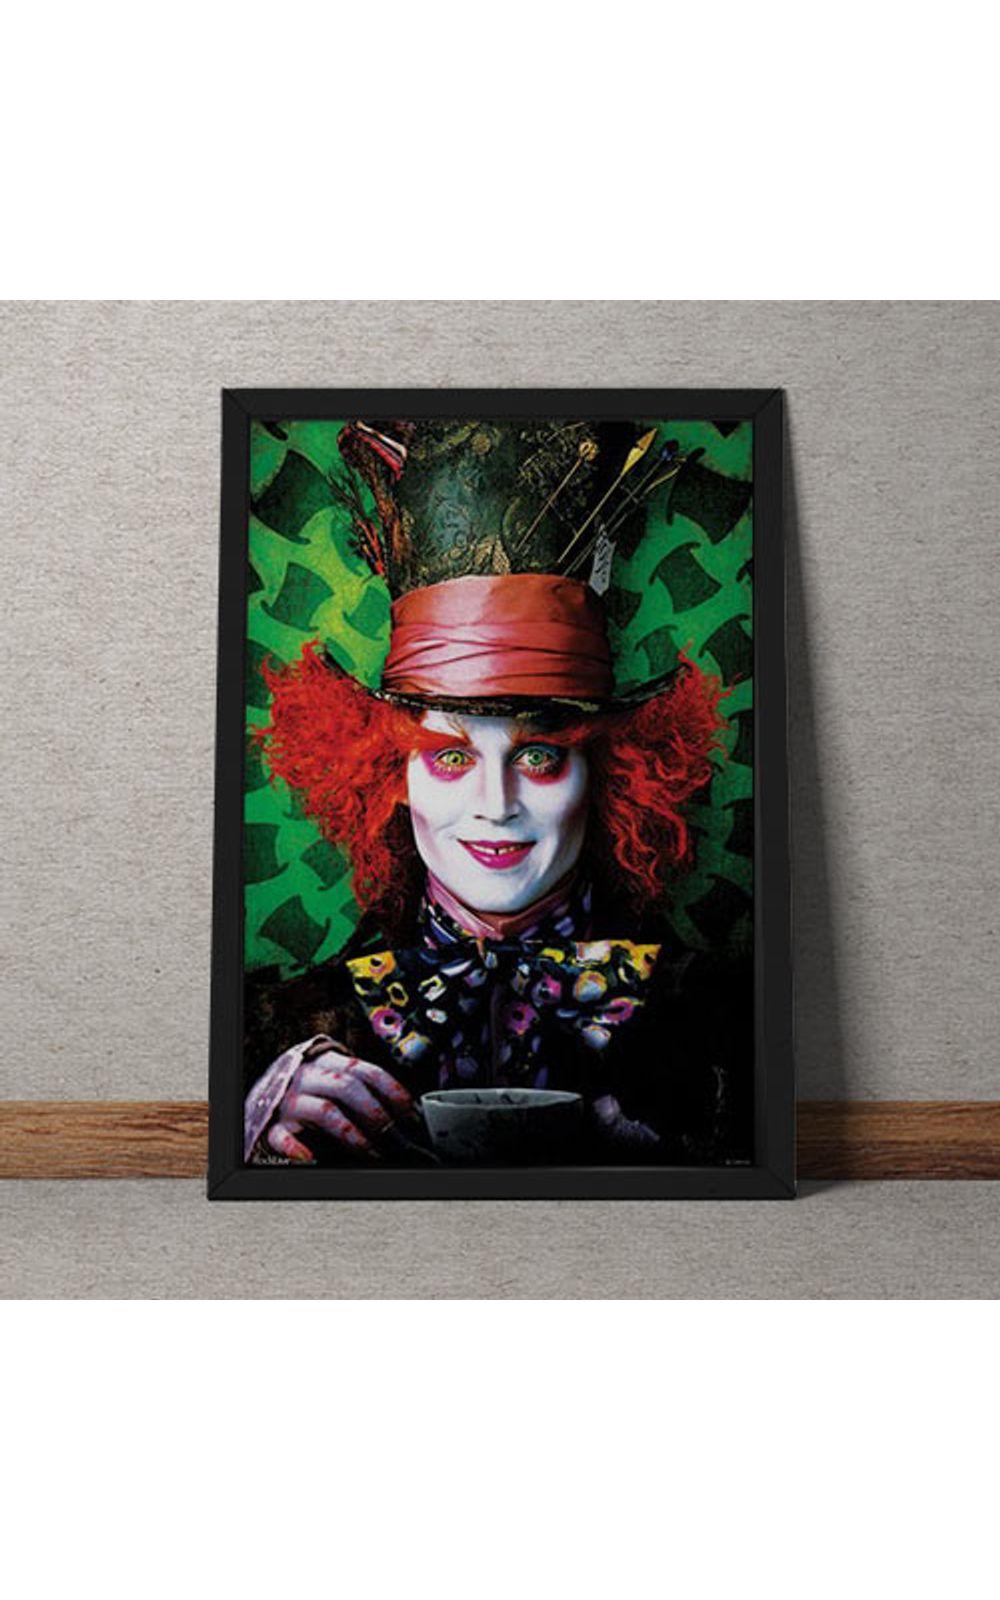 Foto 1 - Quadro Decorativo Johnny Depp Chapeleiro Maluco Alice No Pais Das Maravilhas